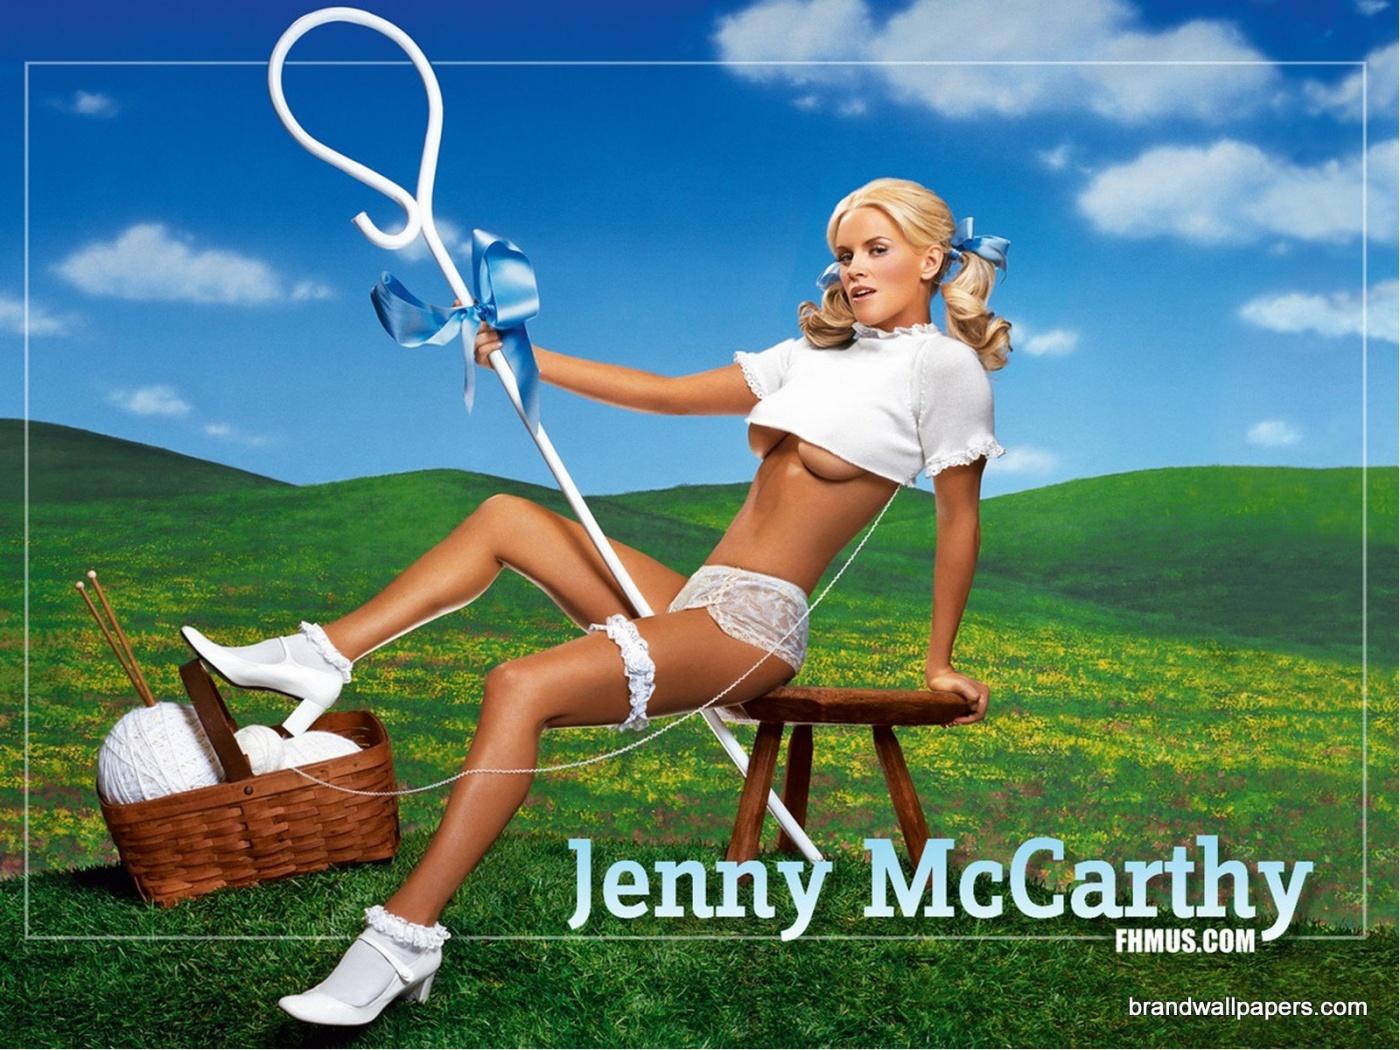 http://2.bp.blogspot.com/-1fZ5-dOB18Q/TvoFM9ti1RI/AAAAAAAABxQ/lgHebGU5Yak/s1600/Jenny%2BMcCarthy%2B001.jpg